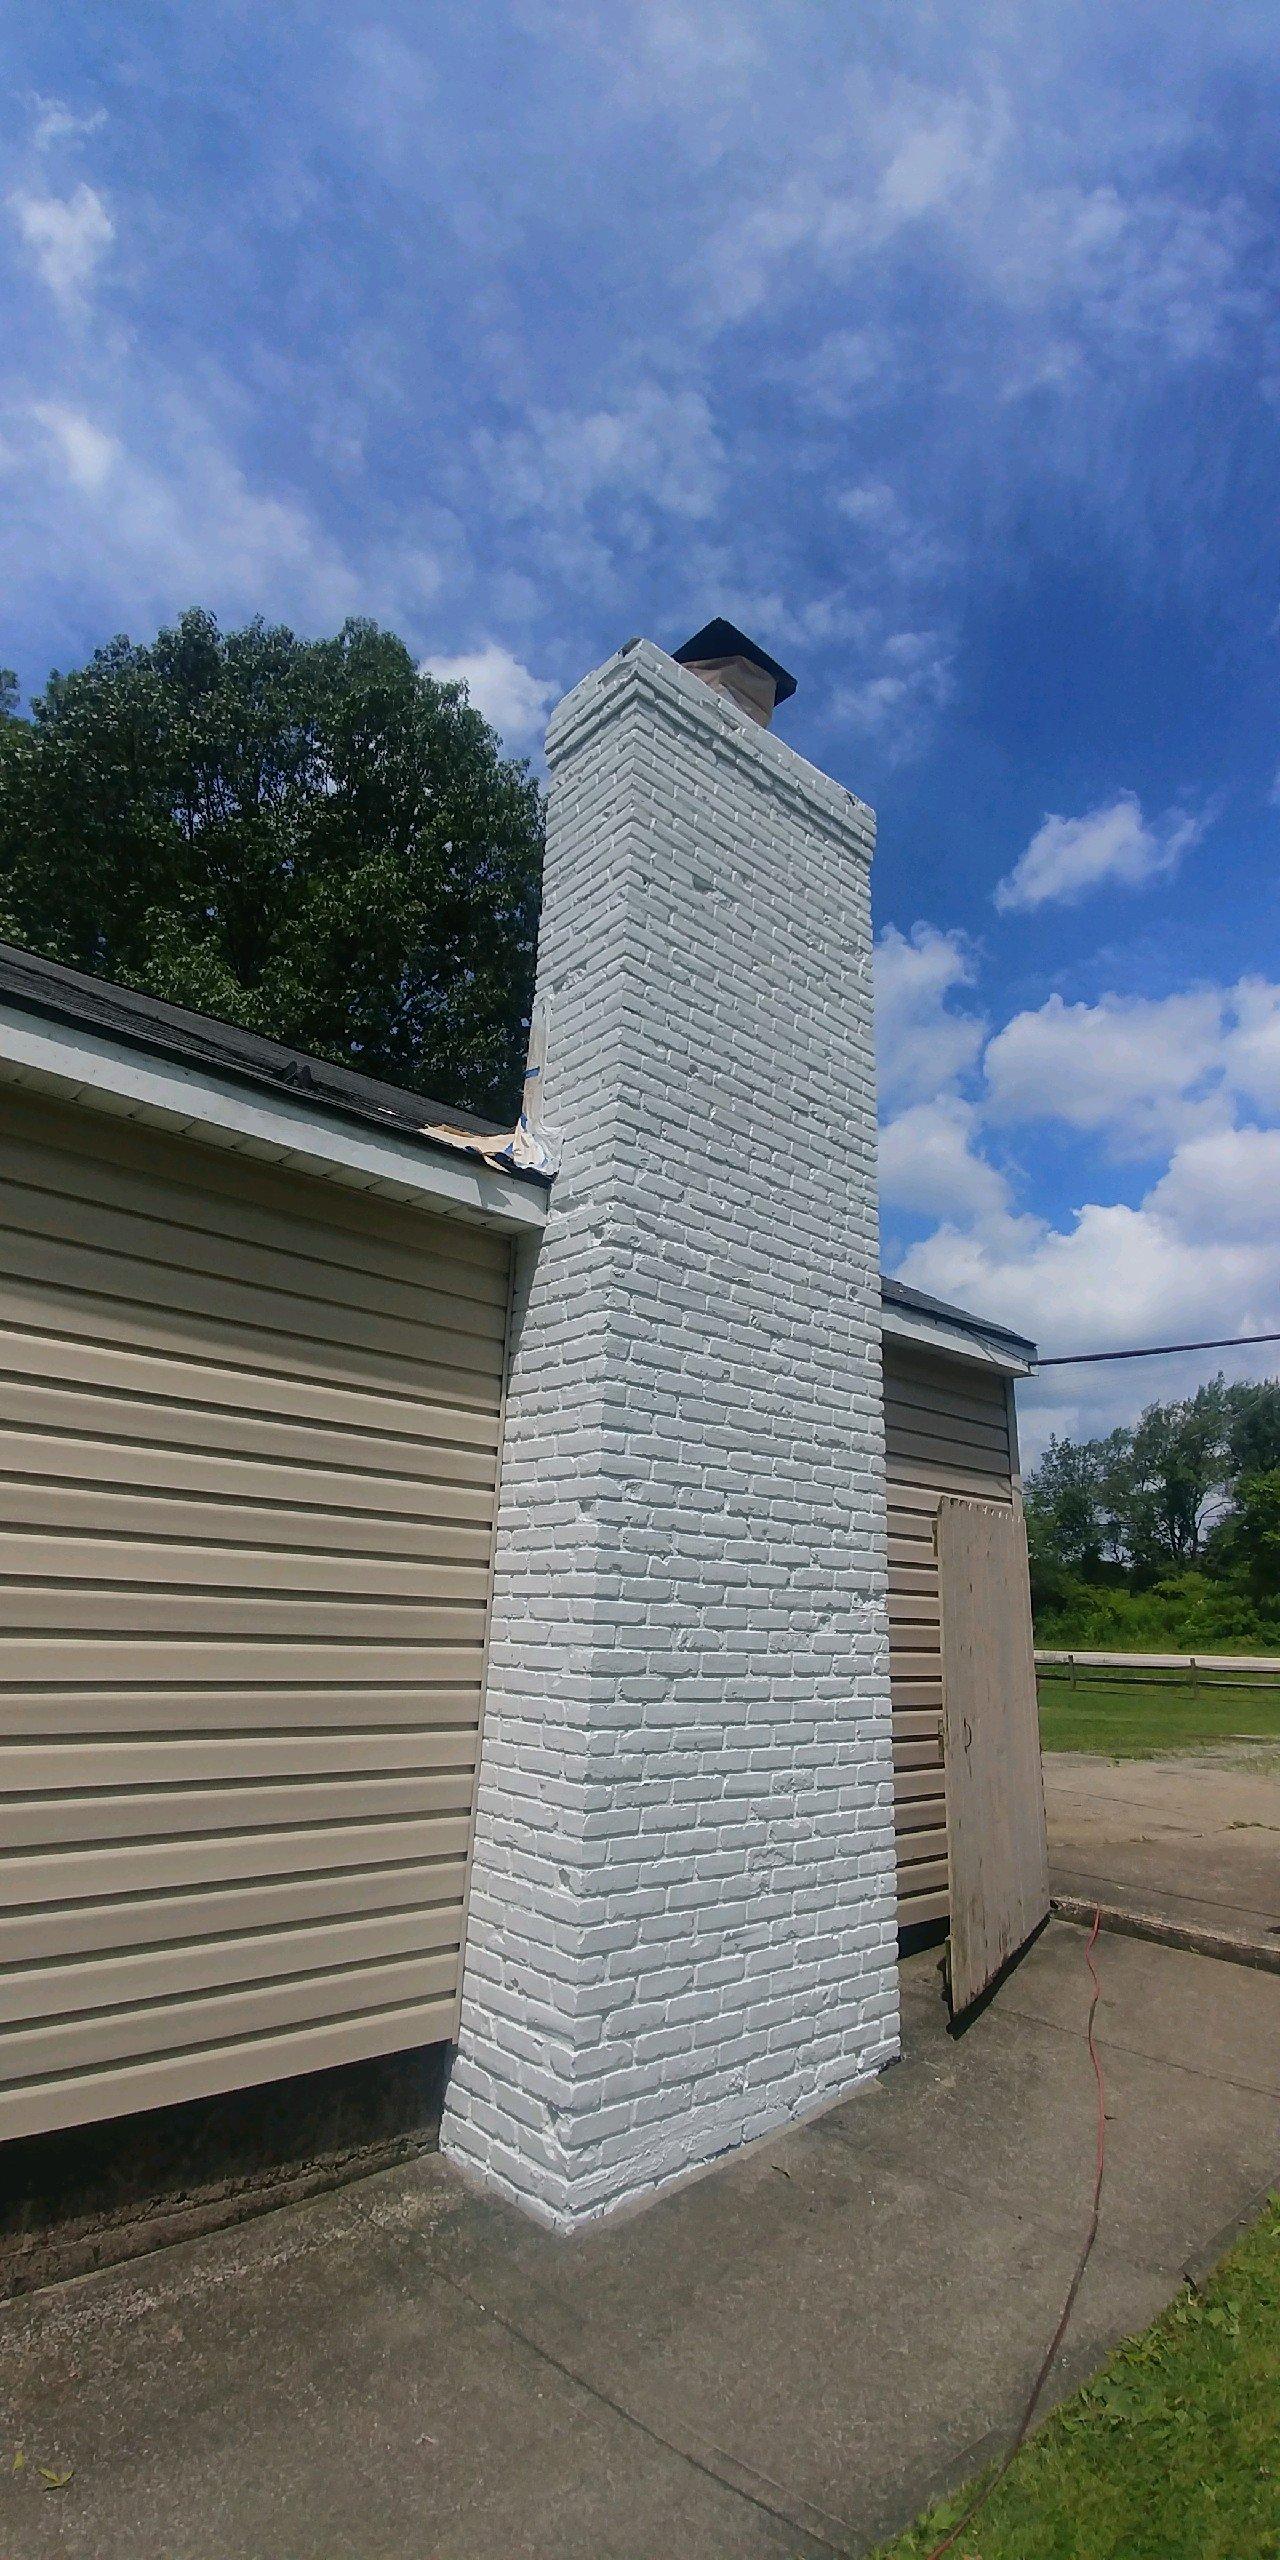 newbury-exterior-painting-brick